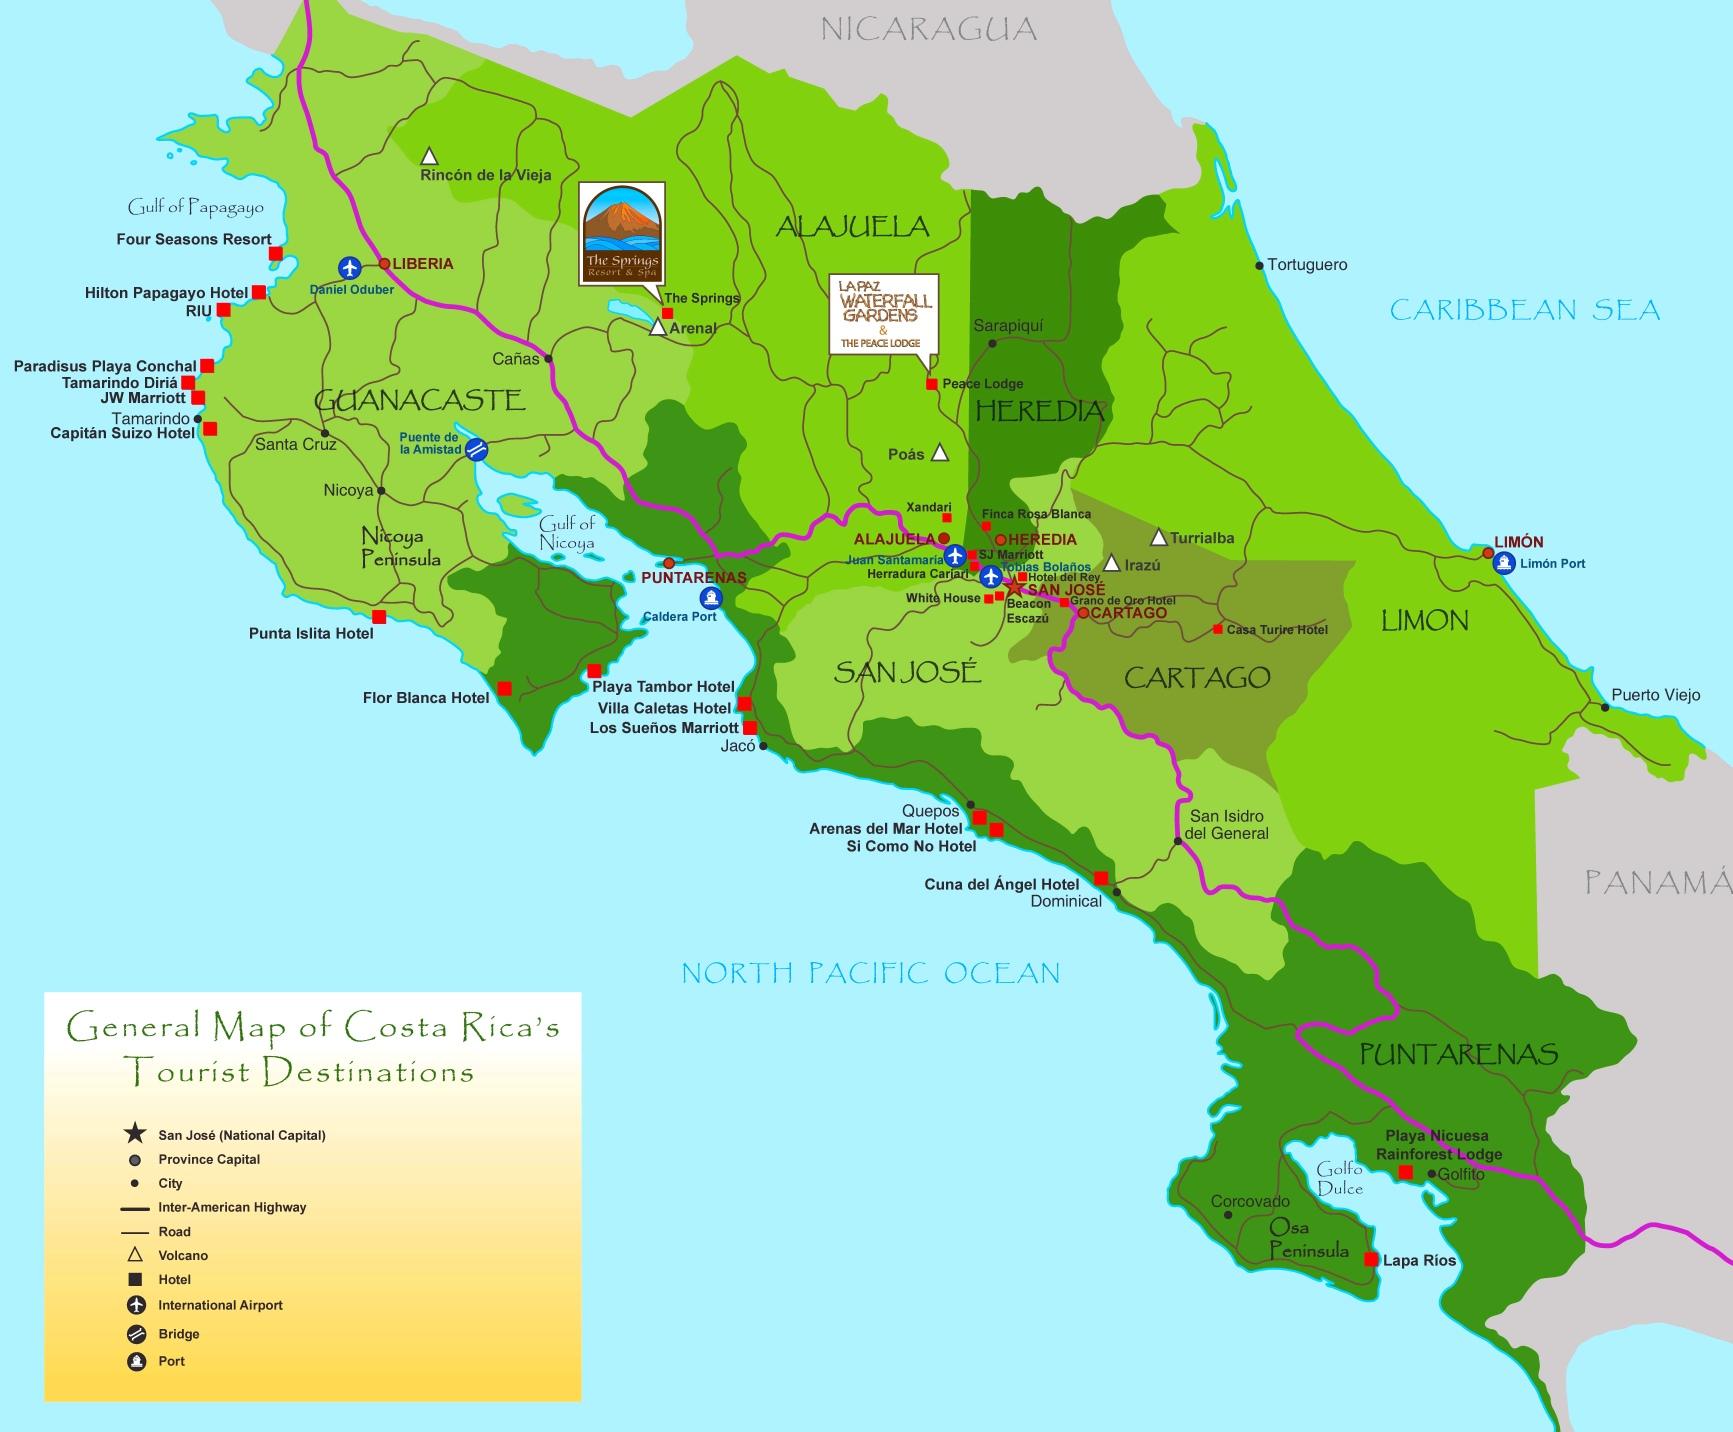 Costa Rica Karte Sehenswurdigkeiten.Costa Rica Touristische Karte